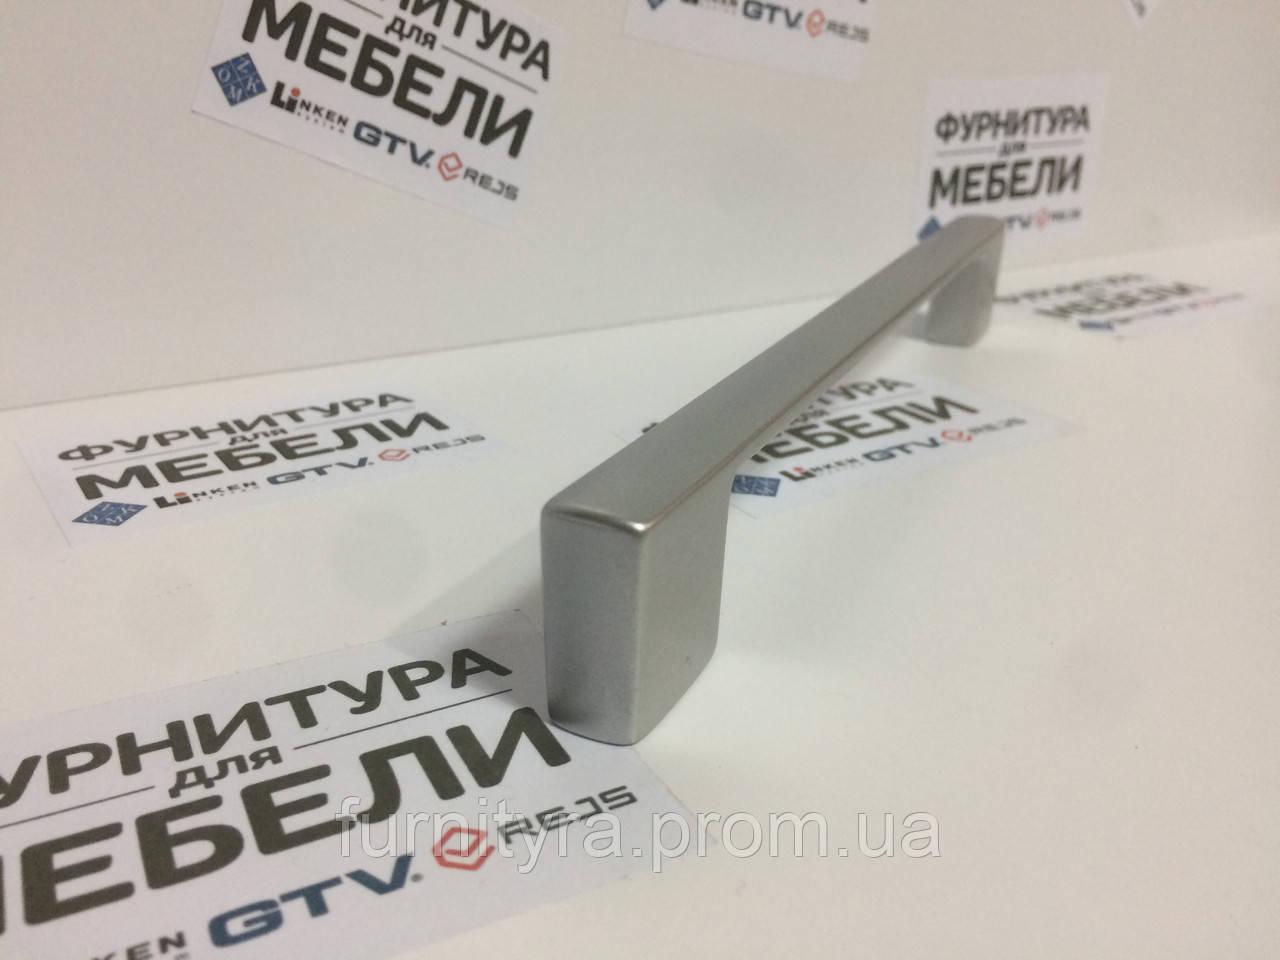 Ручка 96-128mm BERGAMA Матовый Хром